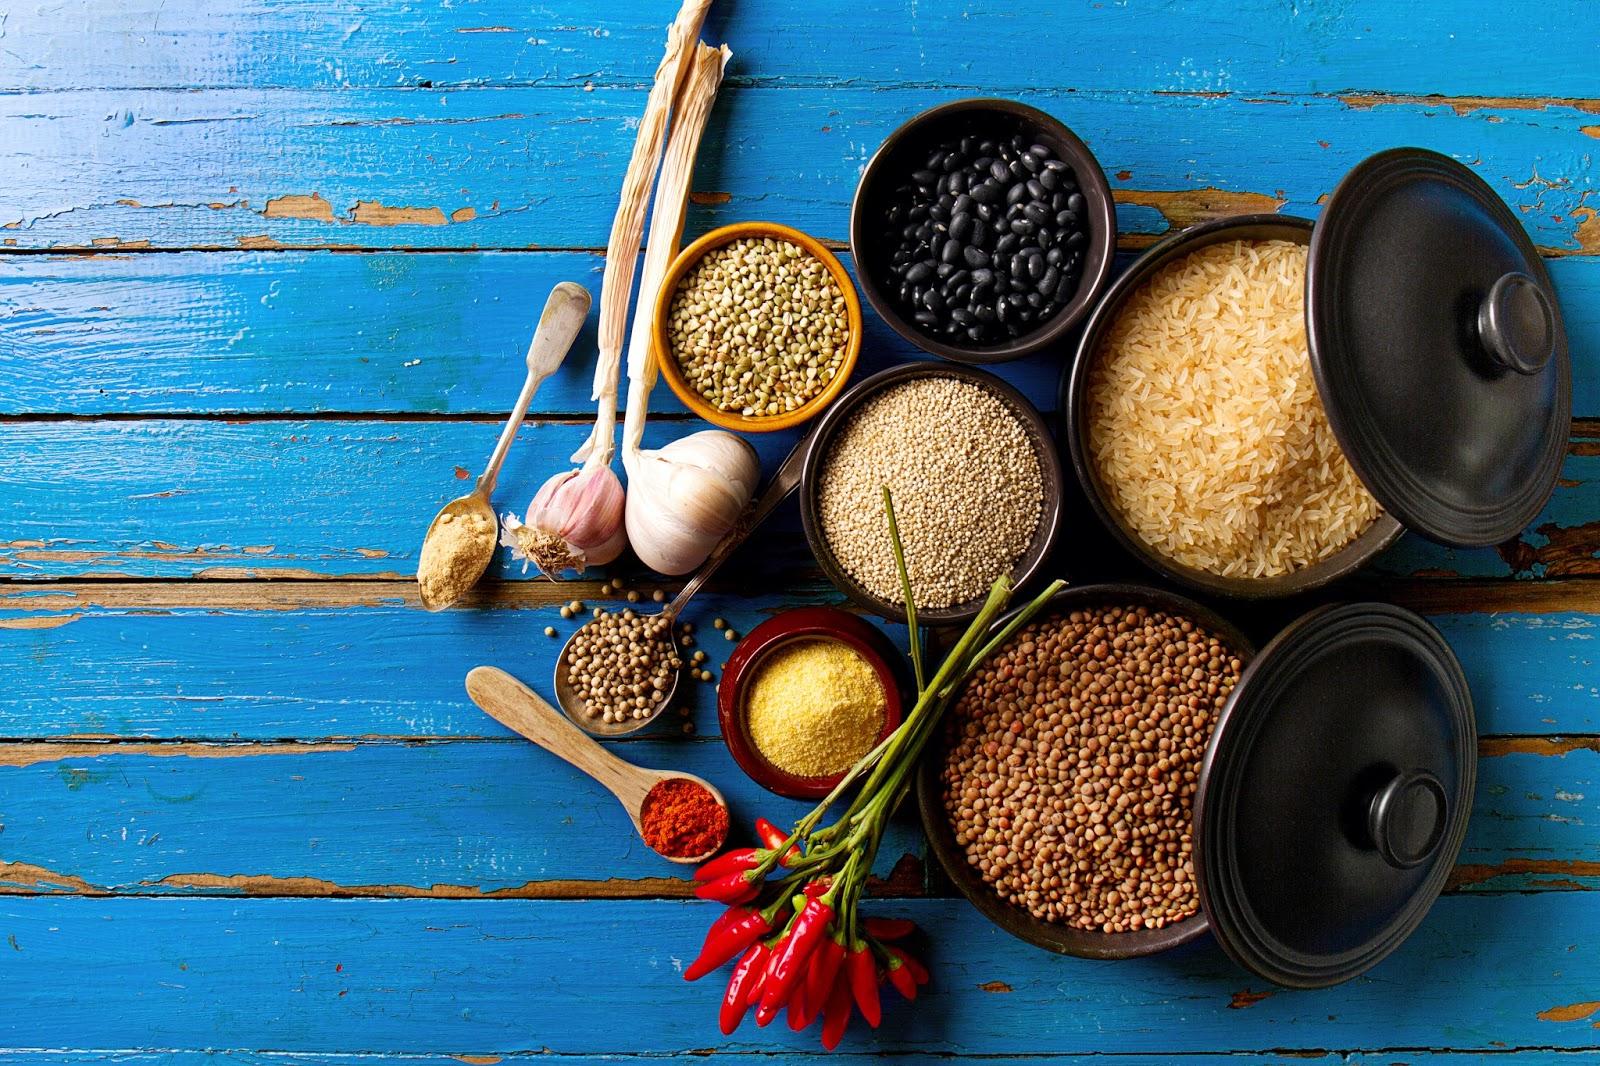 Food: dalla padella alla brace, corso semi-serio di cucina #2